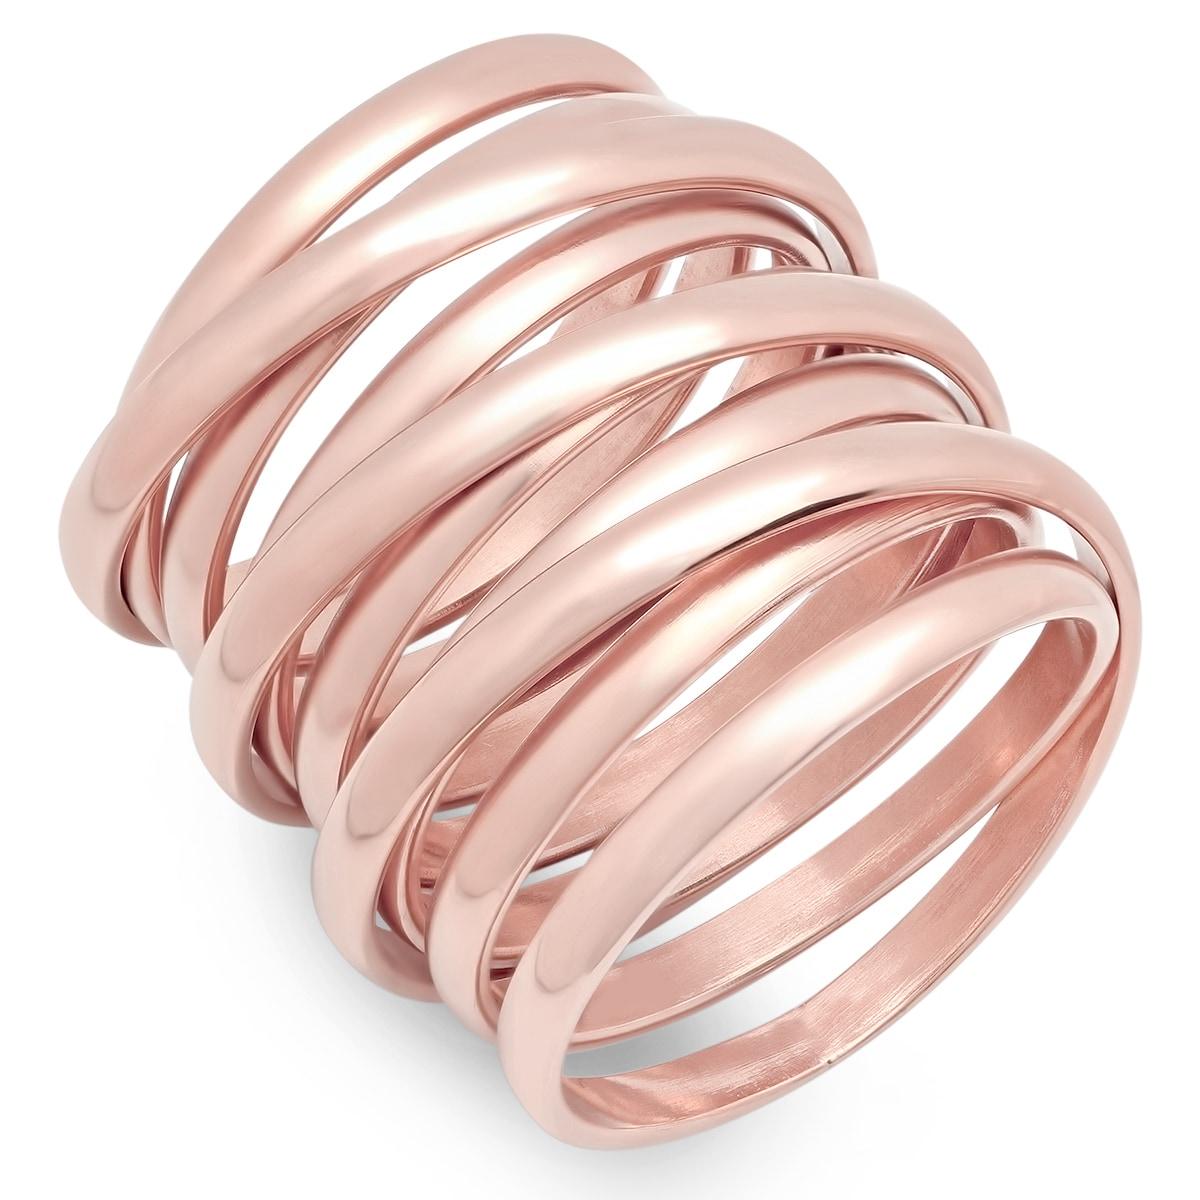 Piatella Ladies Stainless Steel Multiwrap Ring in 3 colors - Free ...